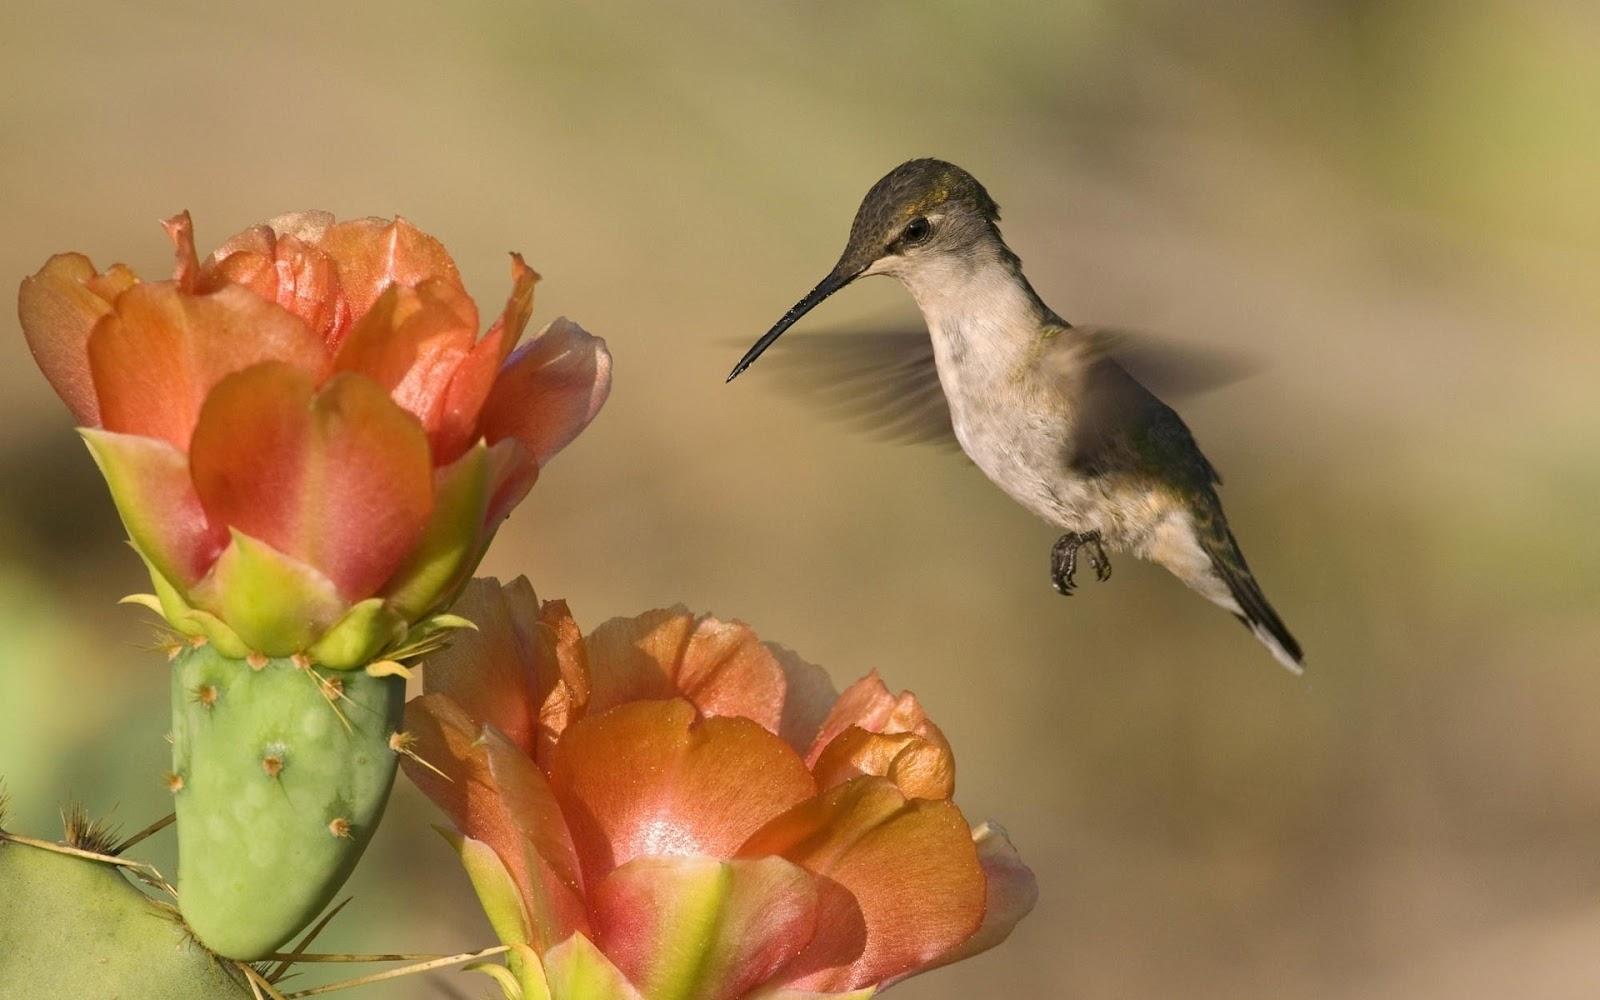 http://1.bp.blogspot.com/-cT1QeP35xIM/T0EyU_vRr8I/AAAAAAAAAx4/fURydXtLm7M/s1600/Bird+near+to+flower+HD+wallpaper.jpg